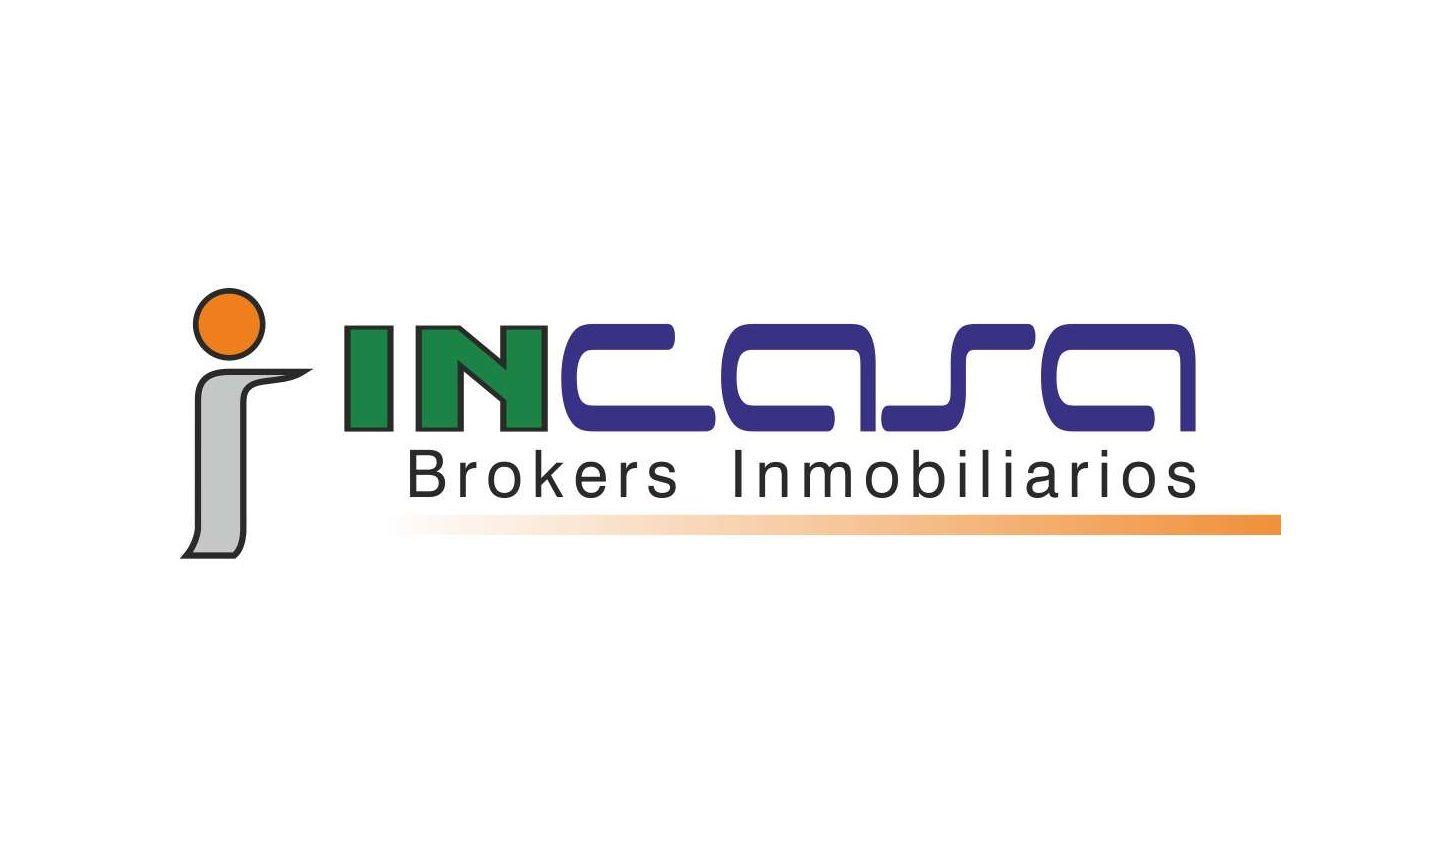 Logo de  Incasa Brokers Inmobiliarios